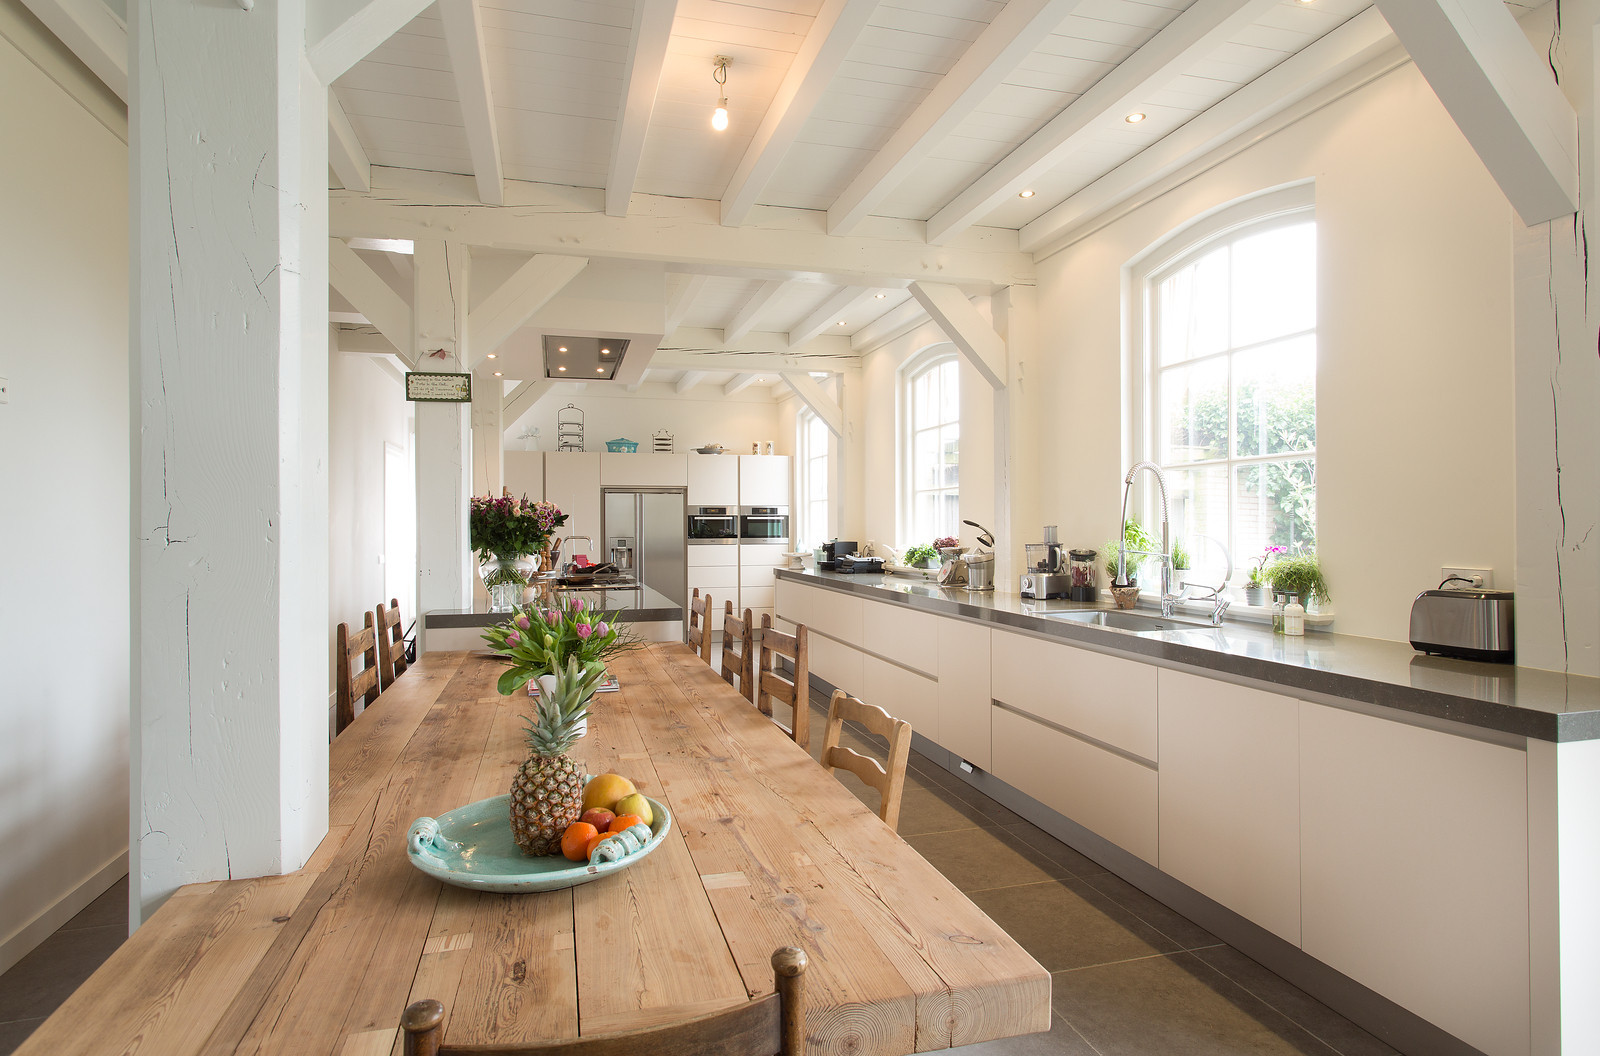 Binnenkijker landelijke woonkeuken in woonboerderij nieuws startpagina voor keuken idee n - Moderne keuken kleur ...